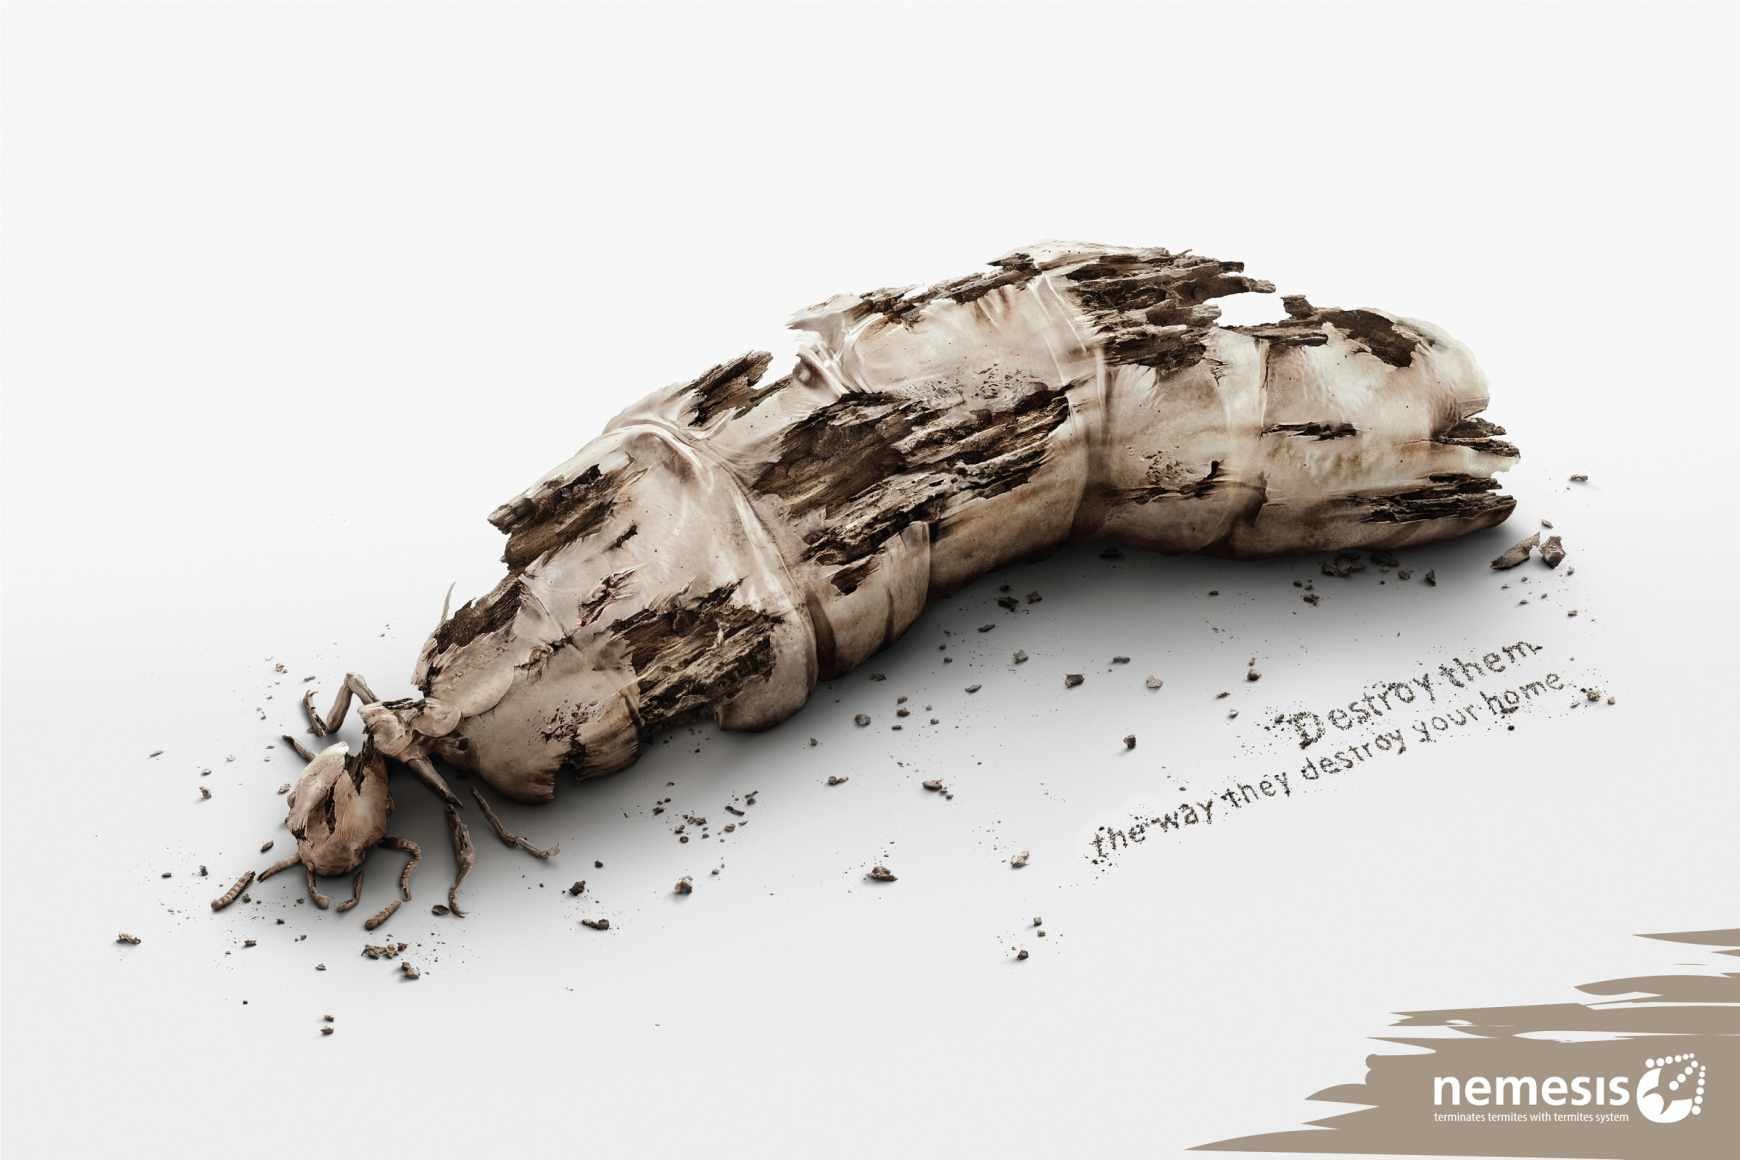 queen_-_nemesis_termites_system_rgb_aotw